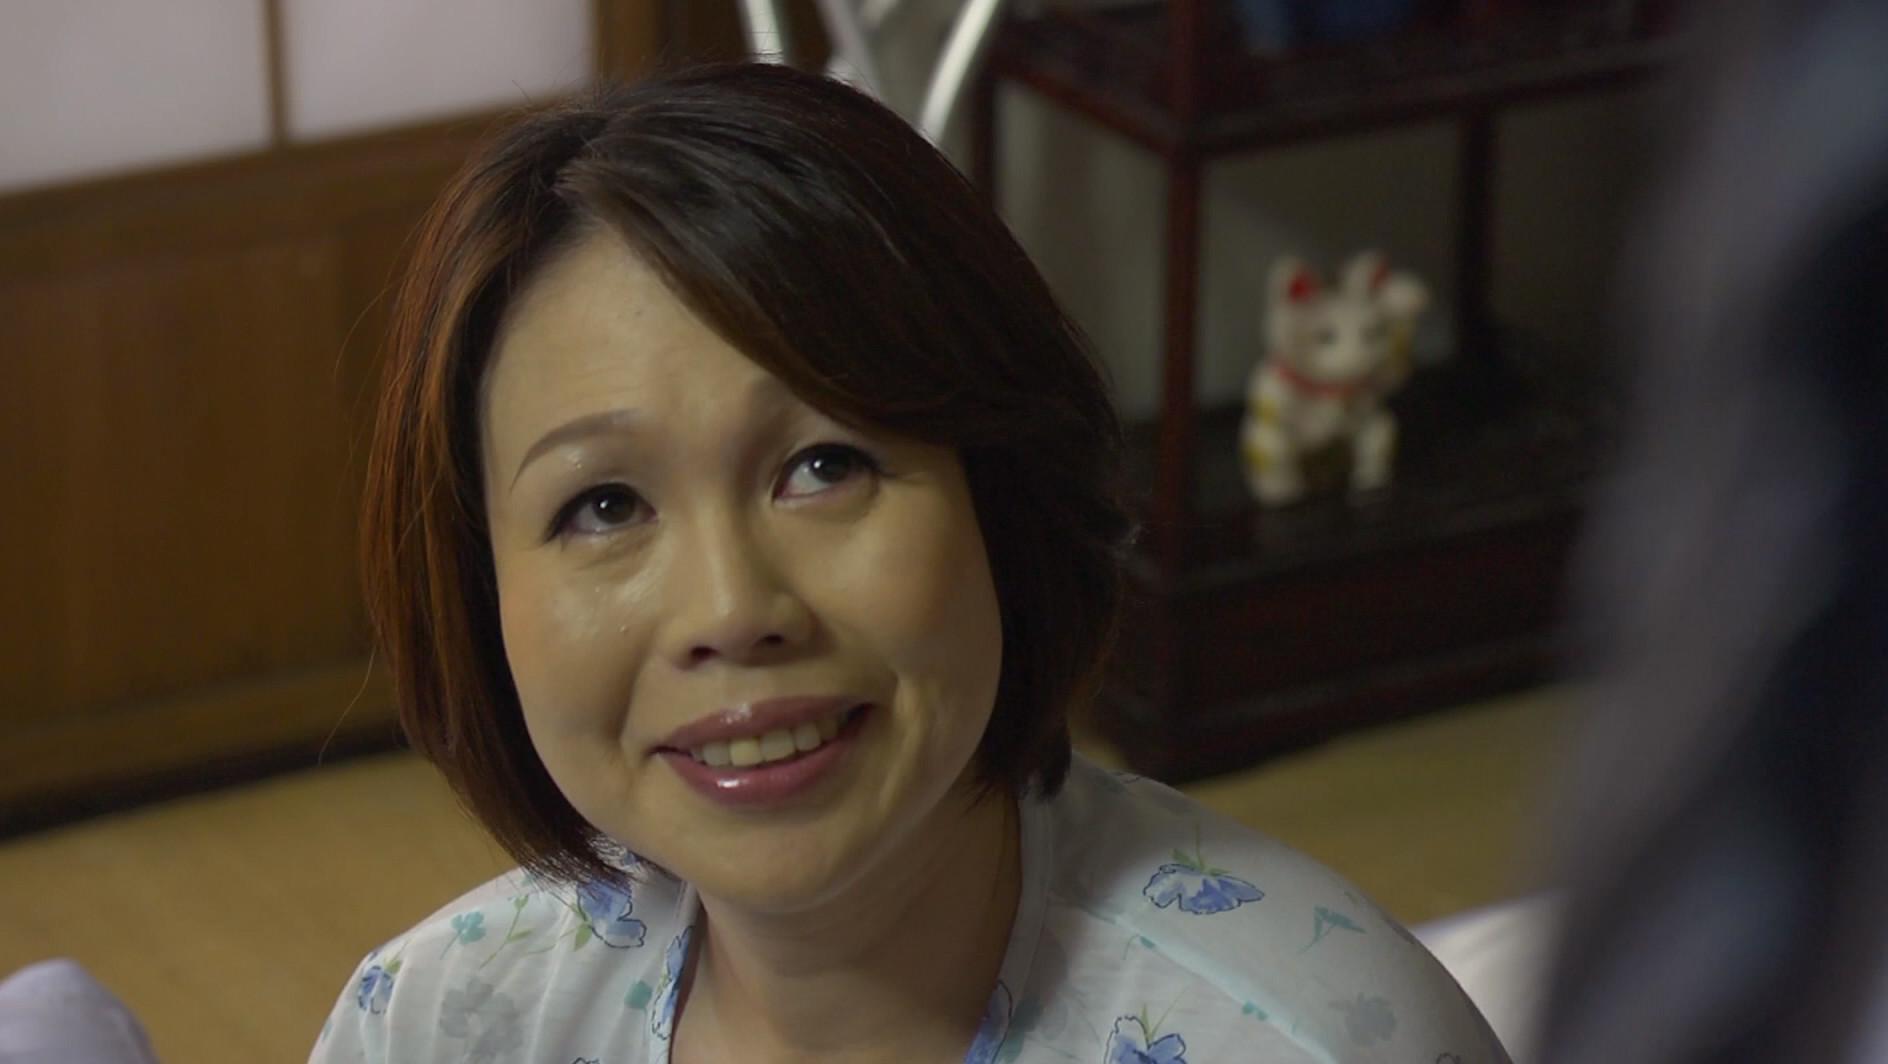 五十路宇野未知子田舍相姦 無料サンプル画像 この動画のサンプル画像はクリックで拡大できます。